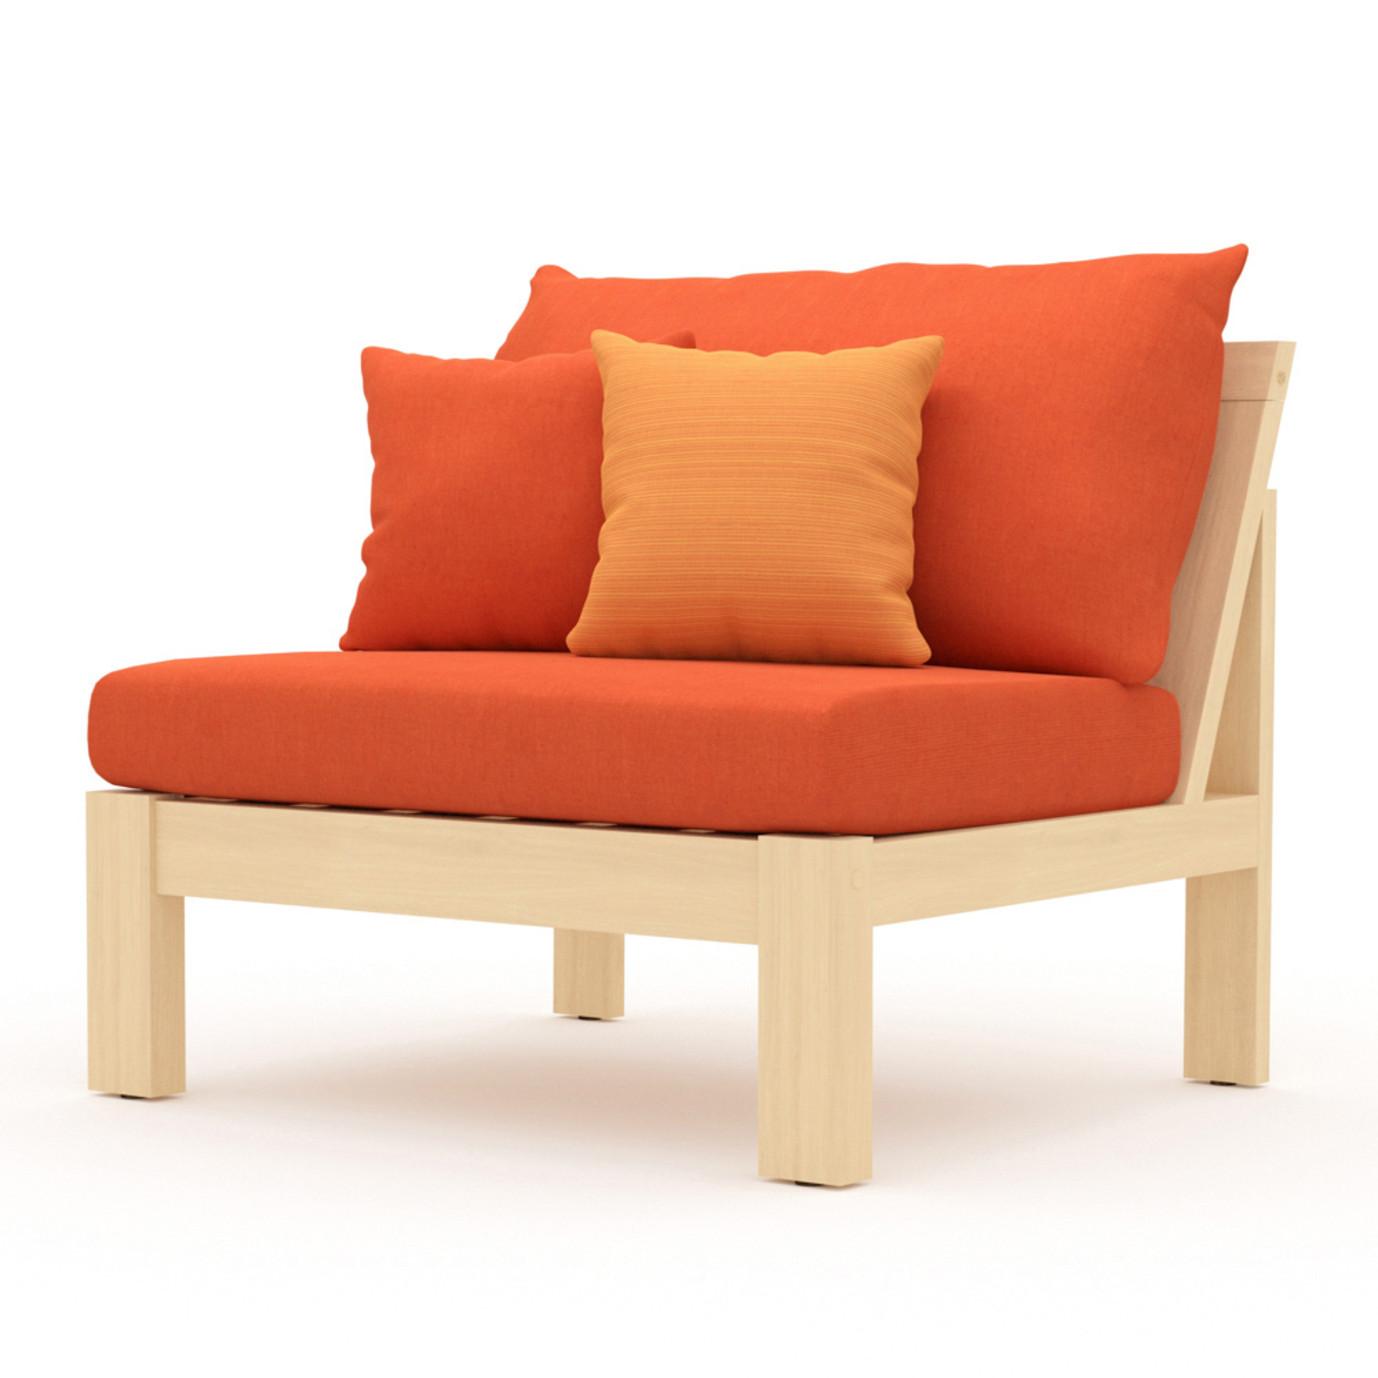 Benson 11 Piece Estate Collection - Tikka Orange